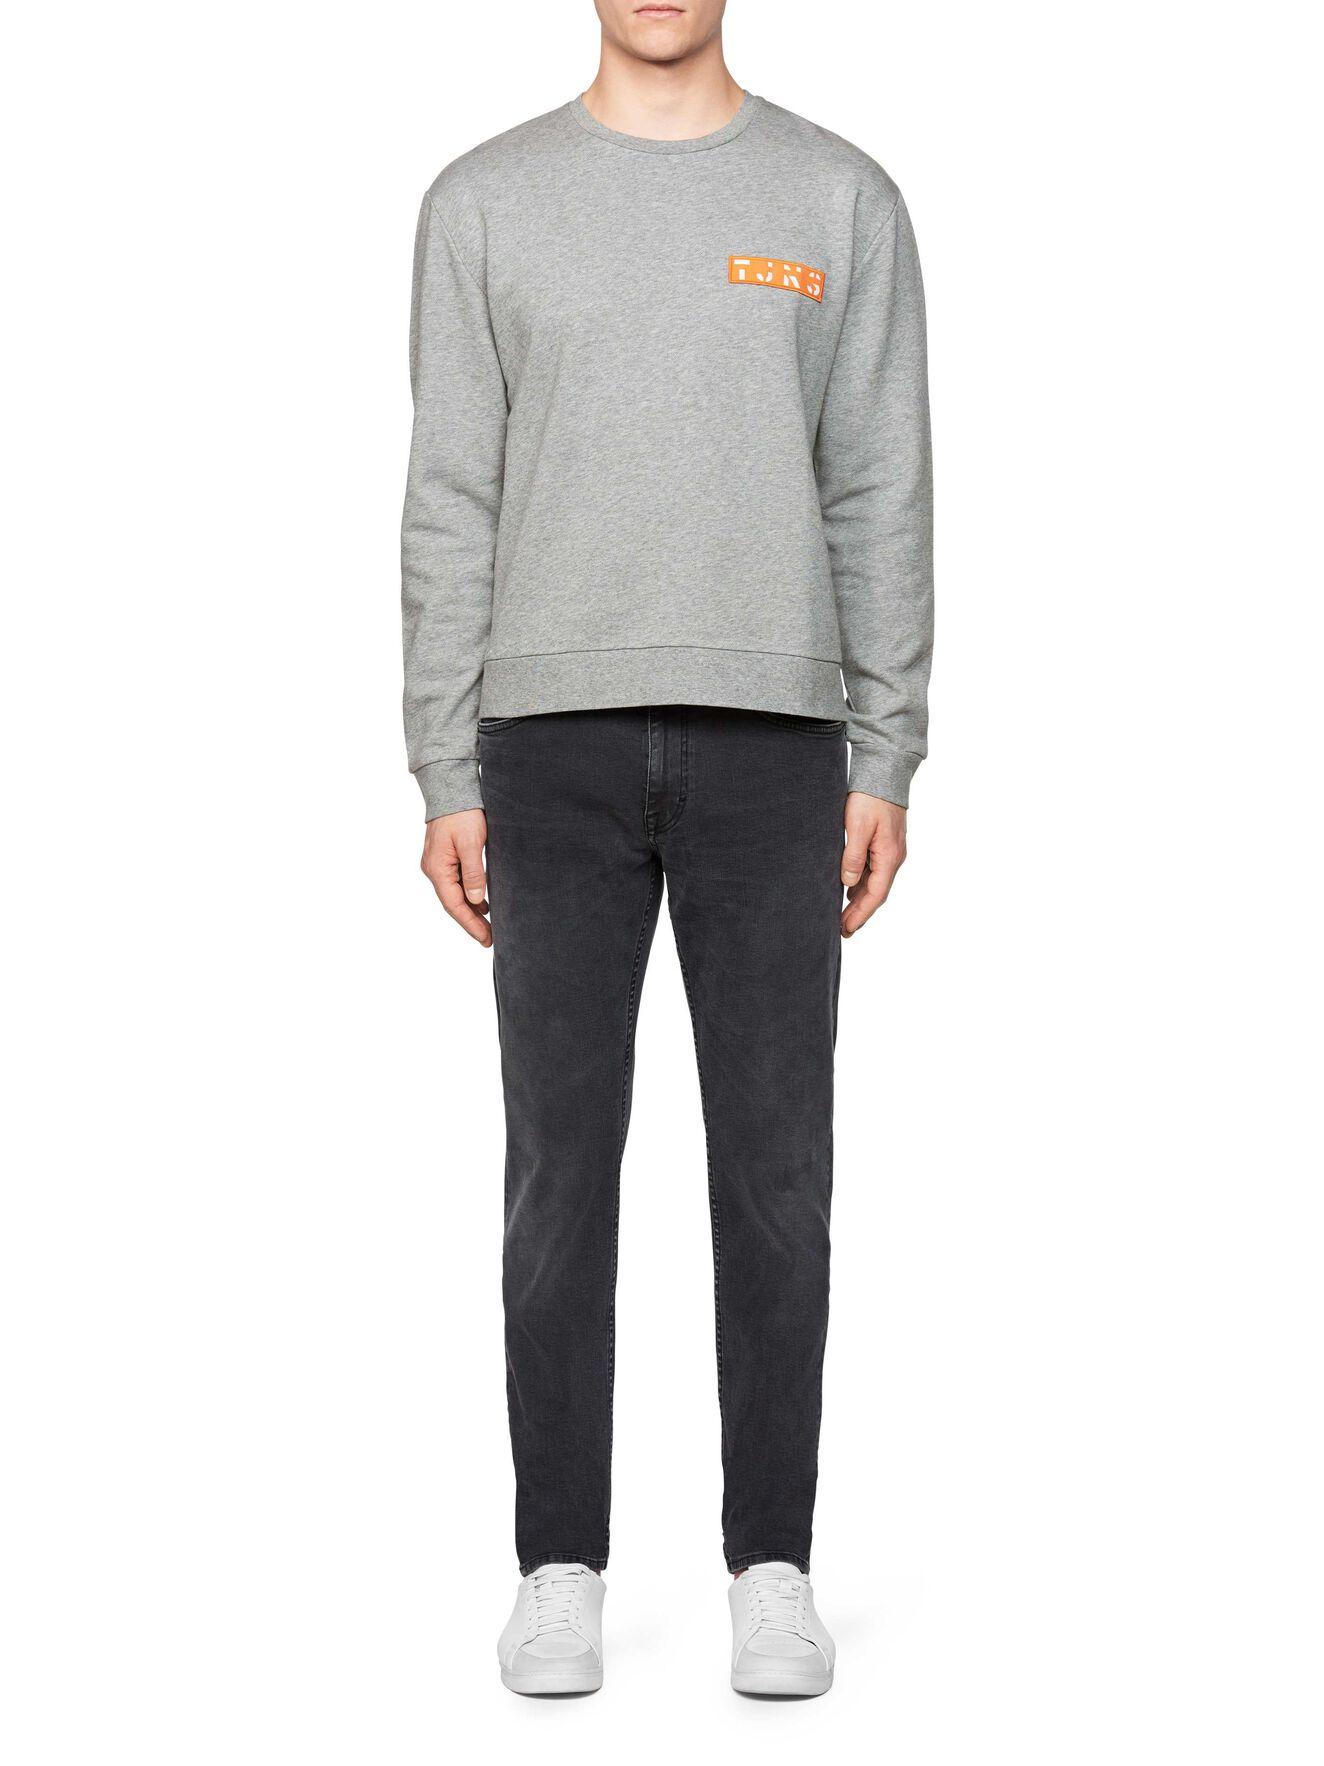 Buzz Pr Sweatshirt in Grey melange from Tiger of Sweden